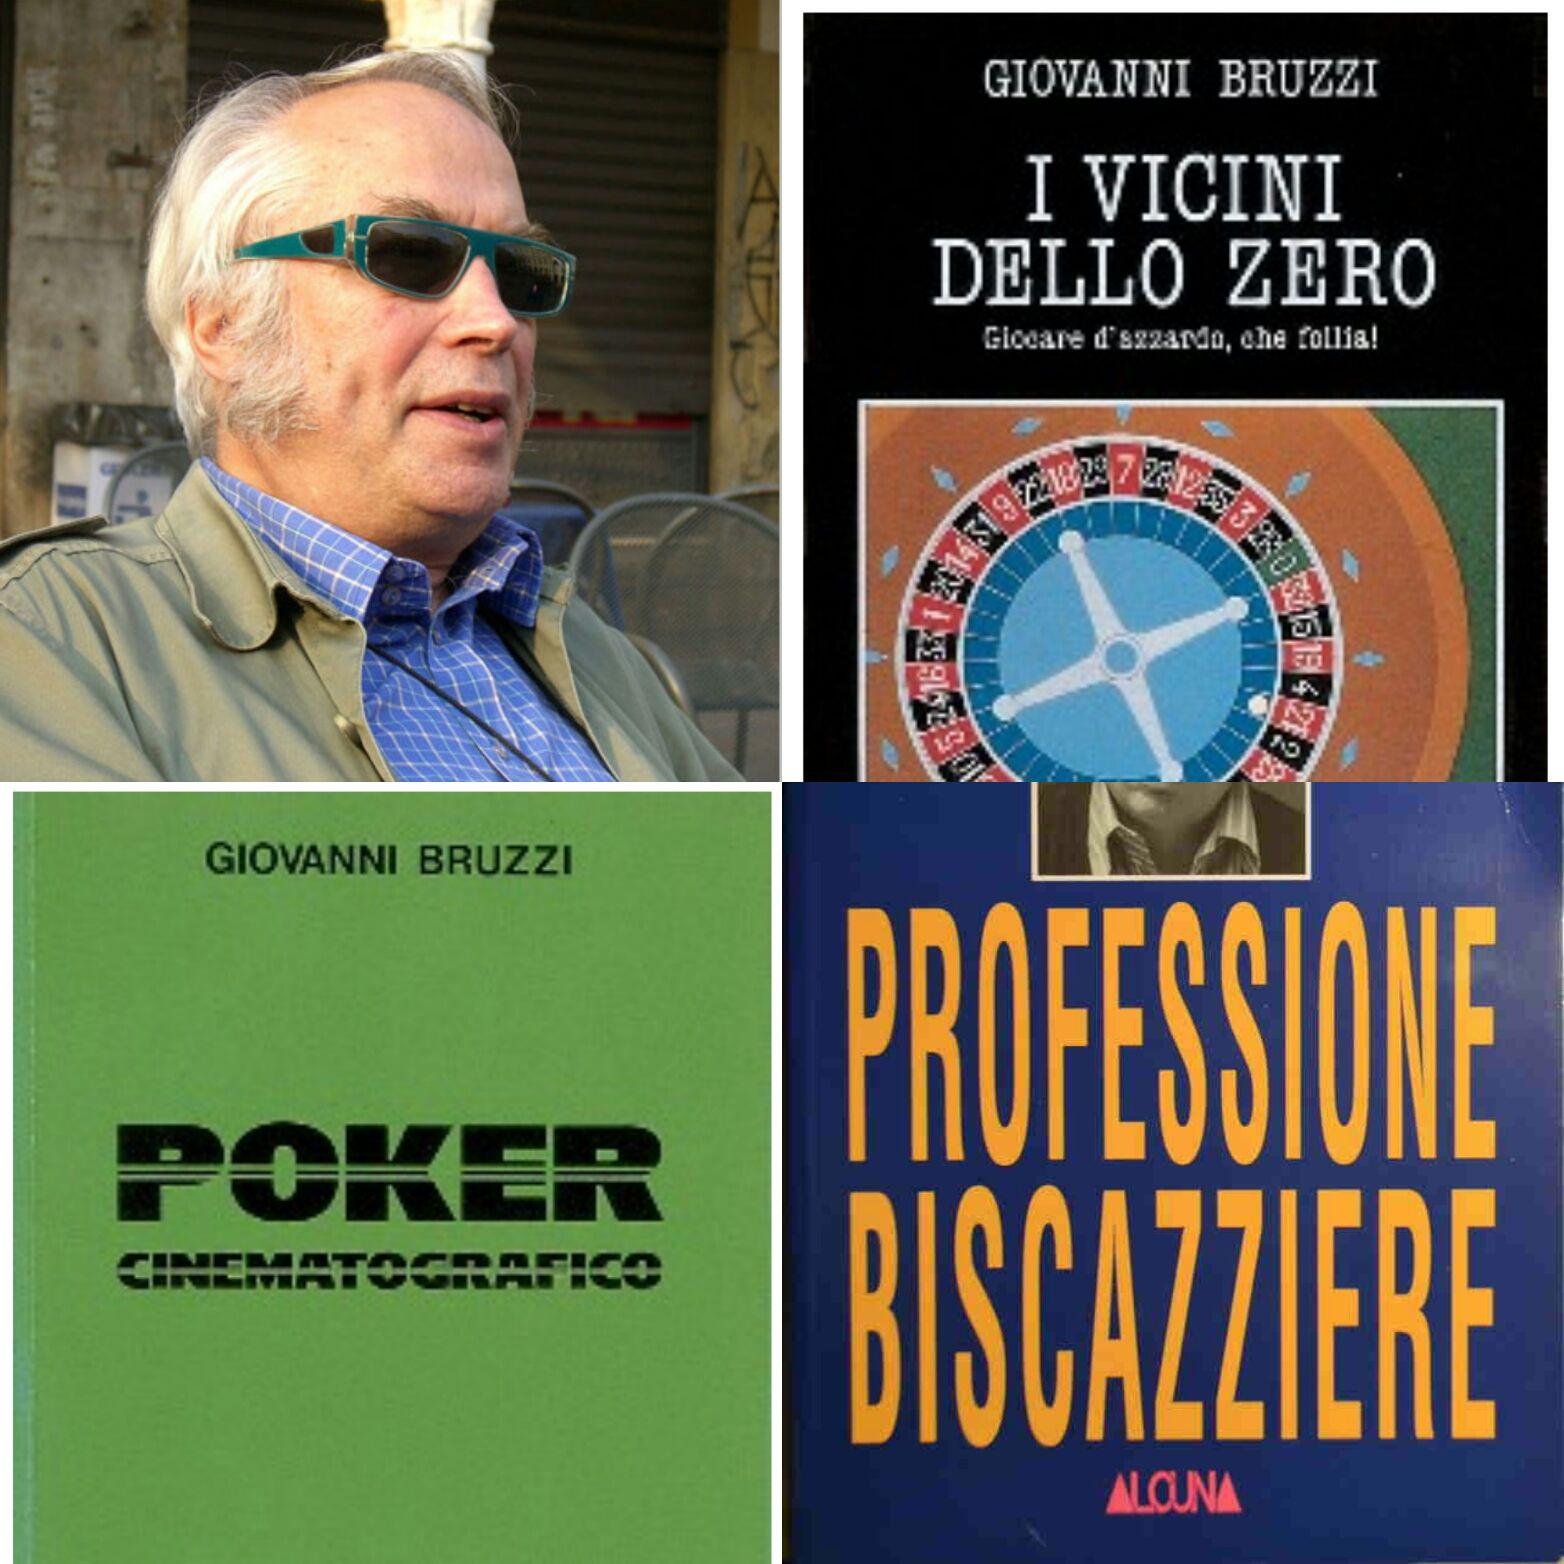 """Il libri dell'ex """"biscazziere"""" Giovanni Bruzzi vanno a ruba"""